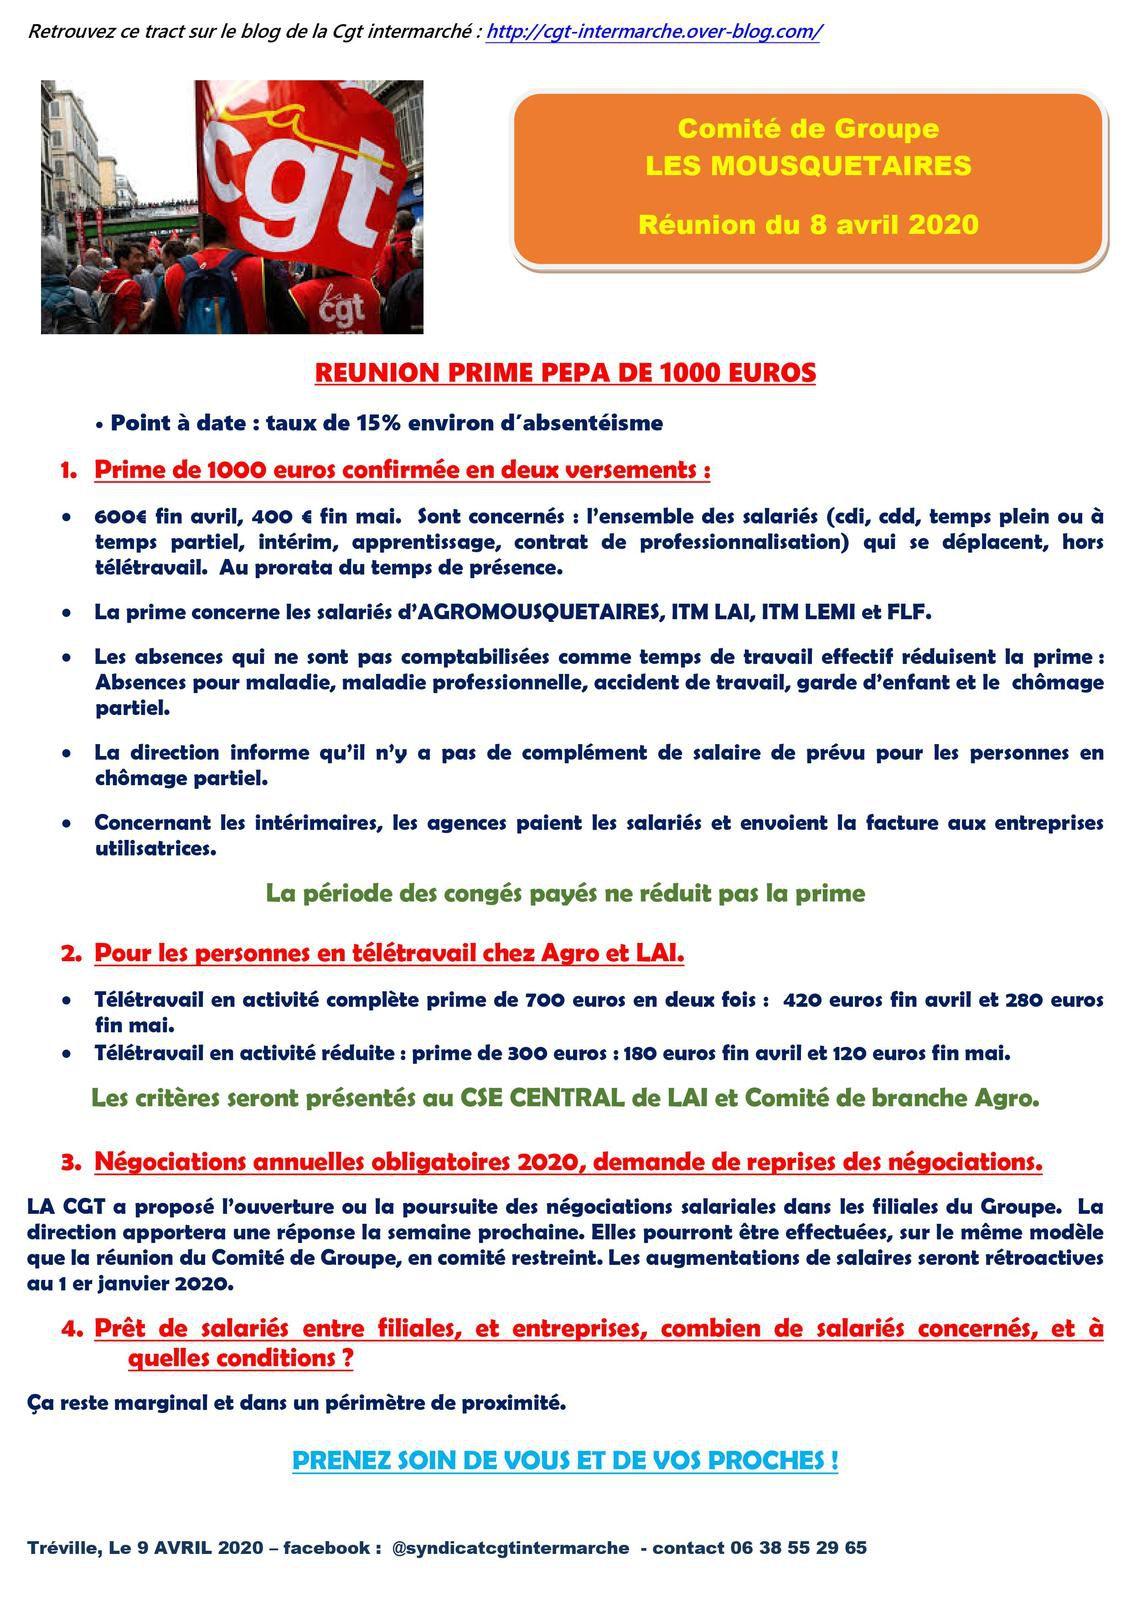 PRIME #PEPA DE 1000 EUROS GROUPE #INTERMARCHE